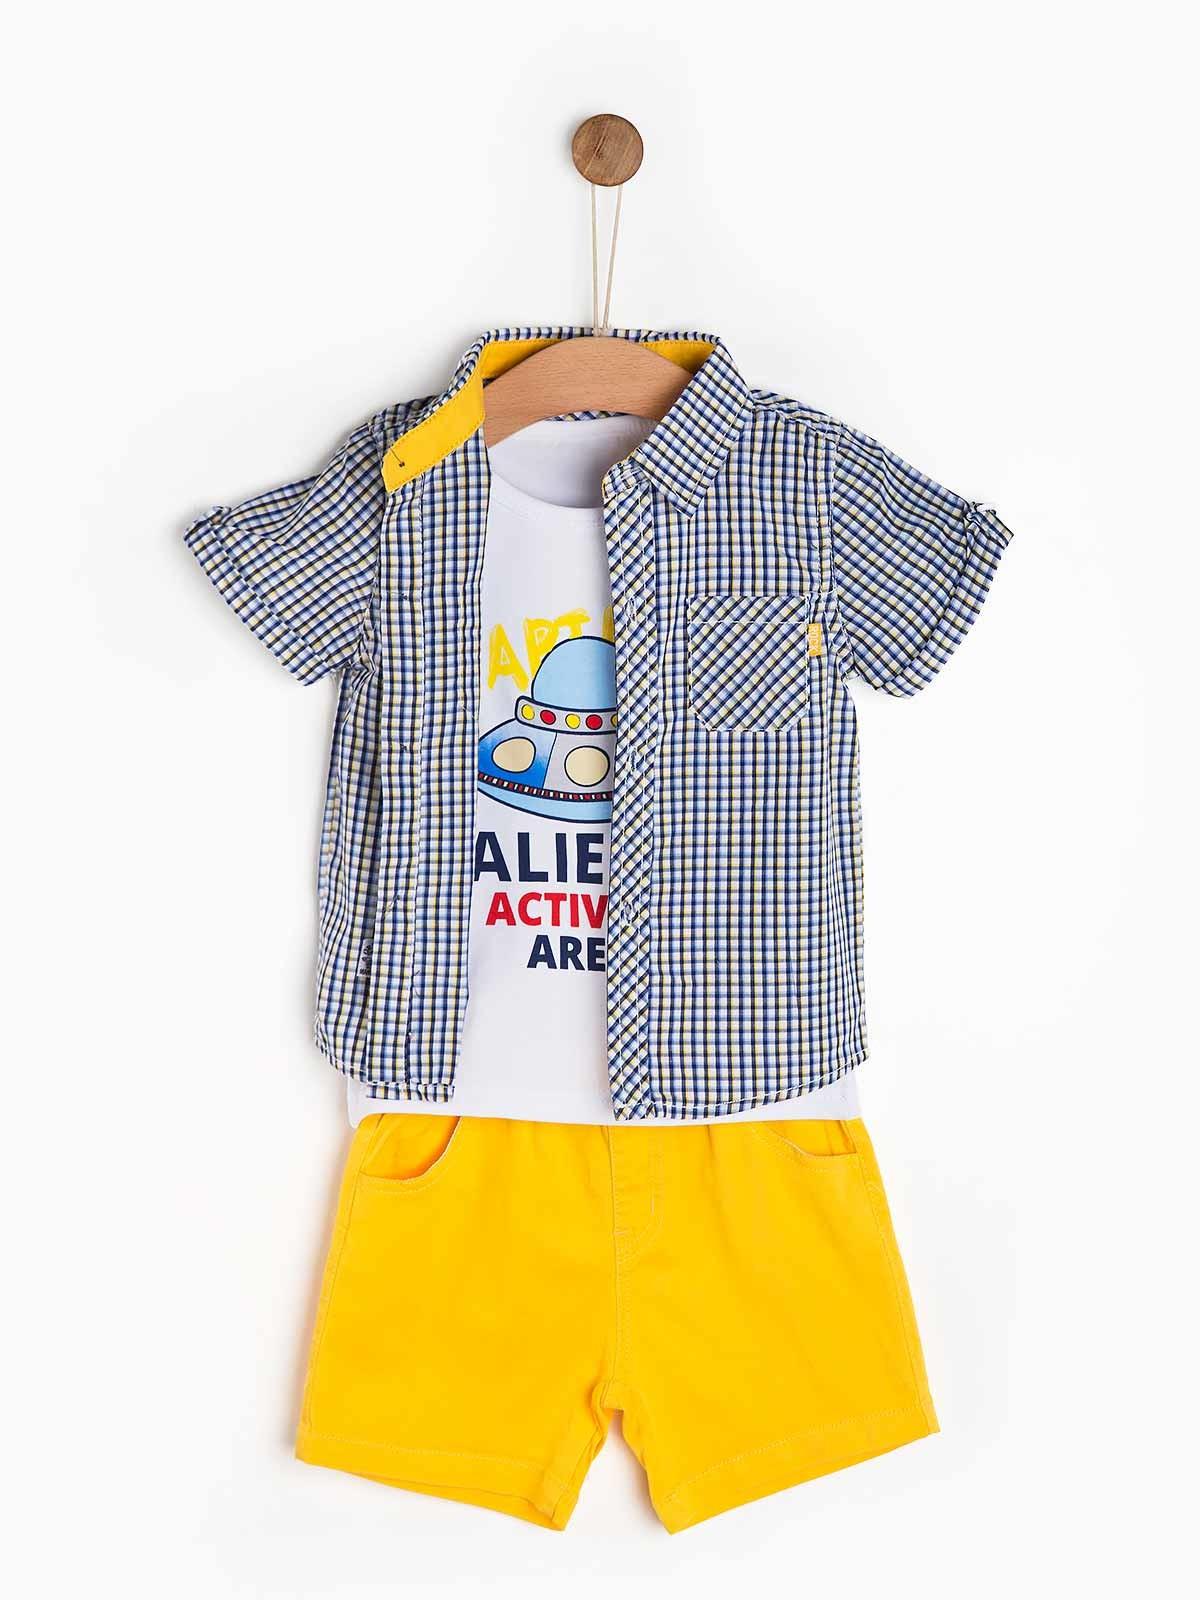 Conjunto de bebé camisa t-shirt calção